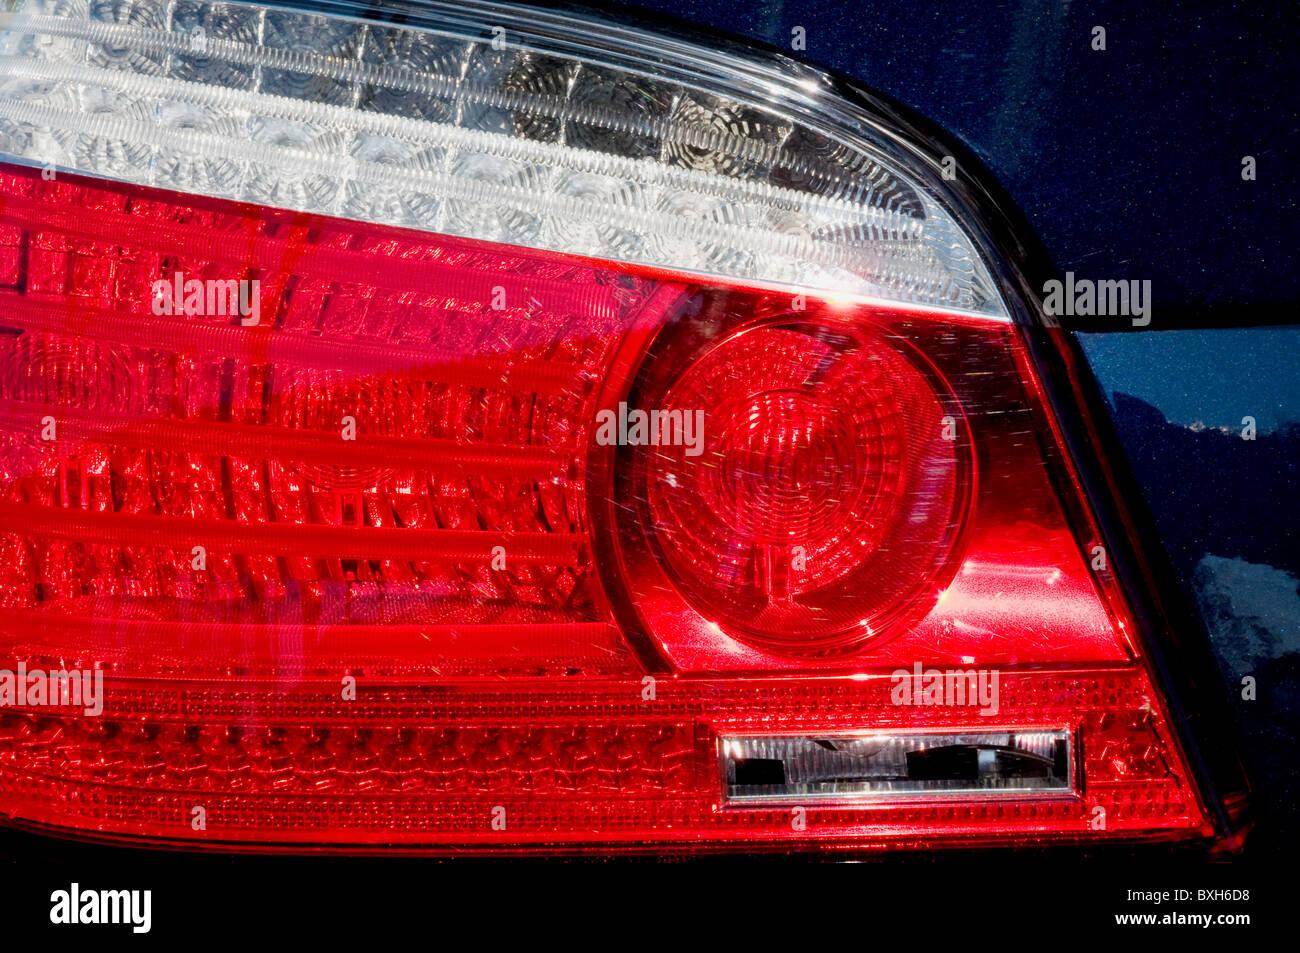 Luz trasera del coche. Imagen De Stock